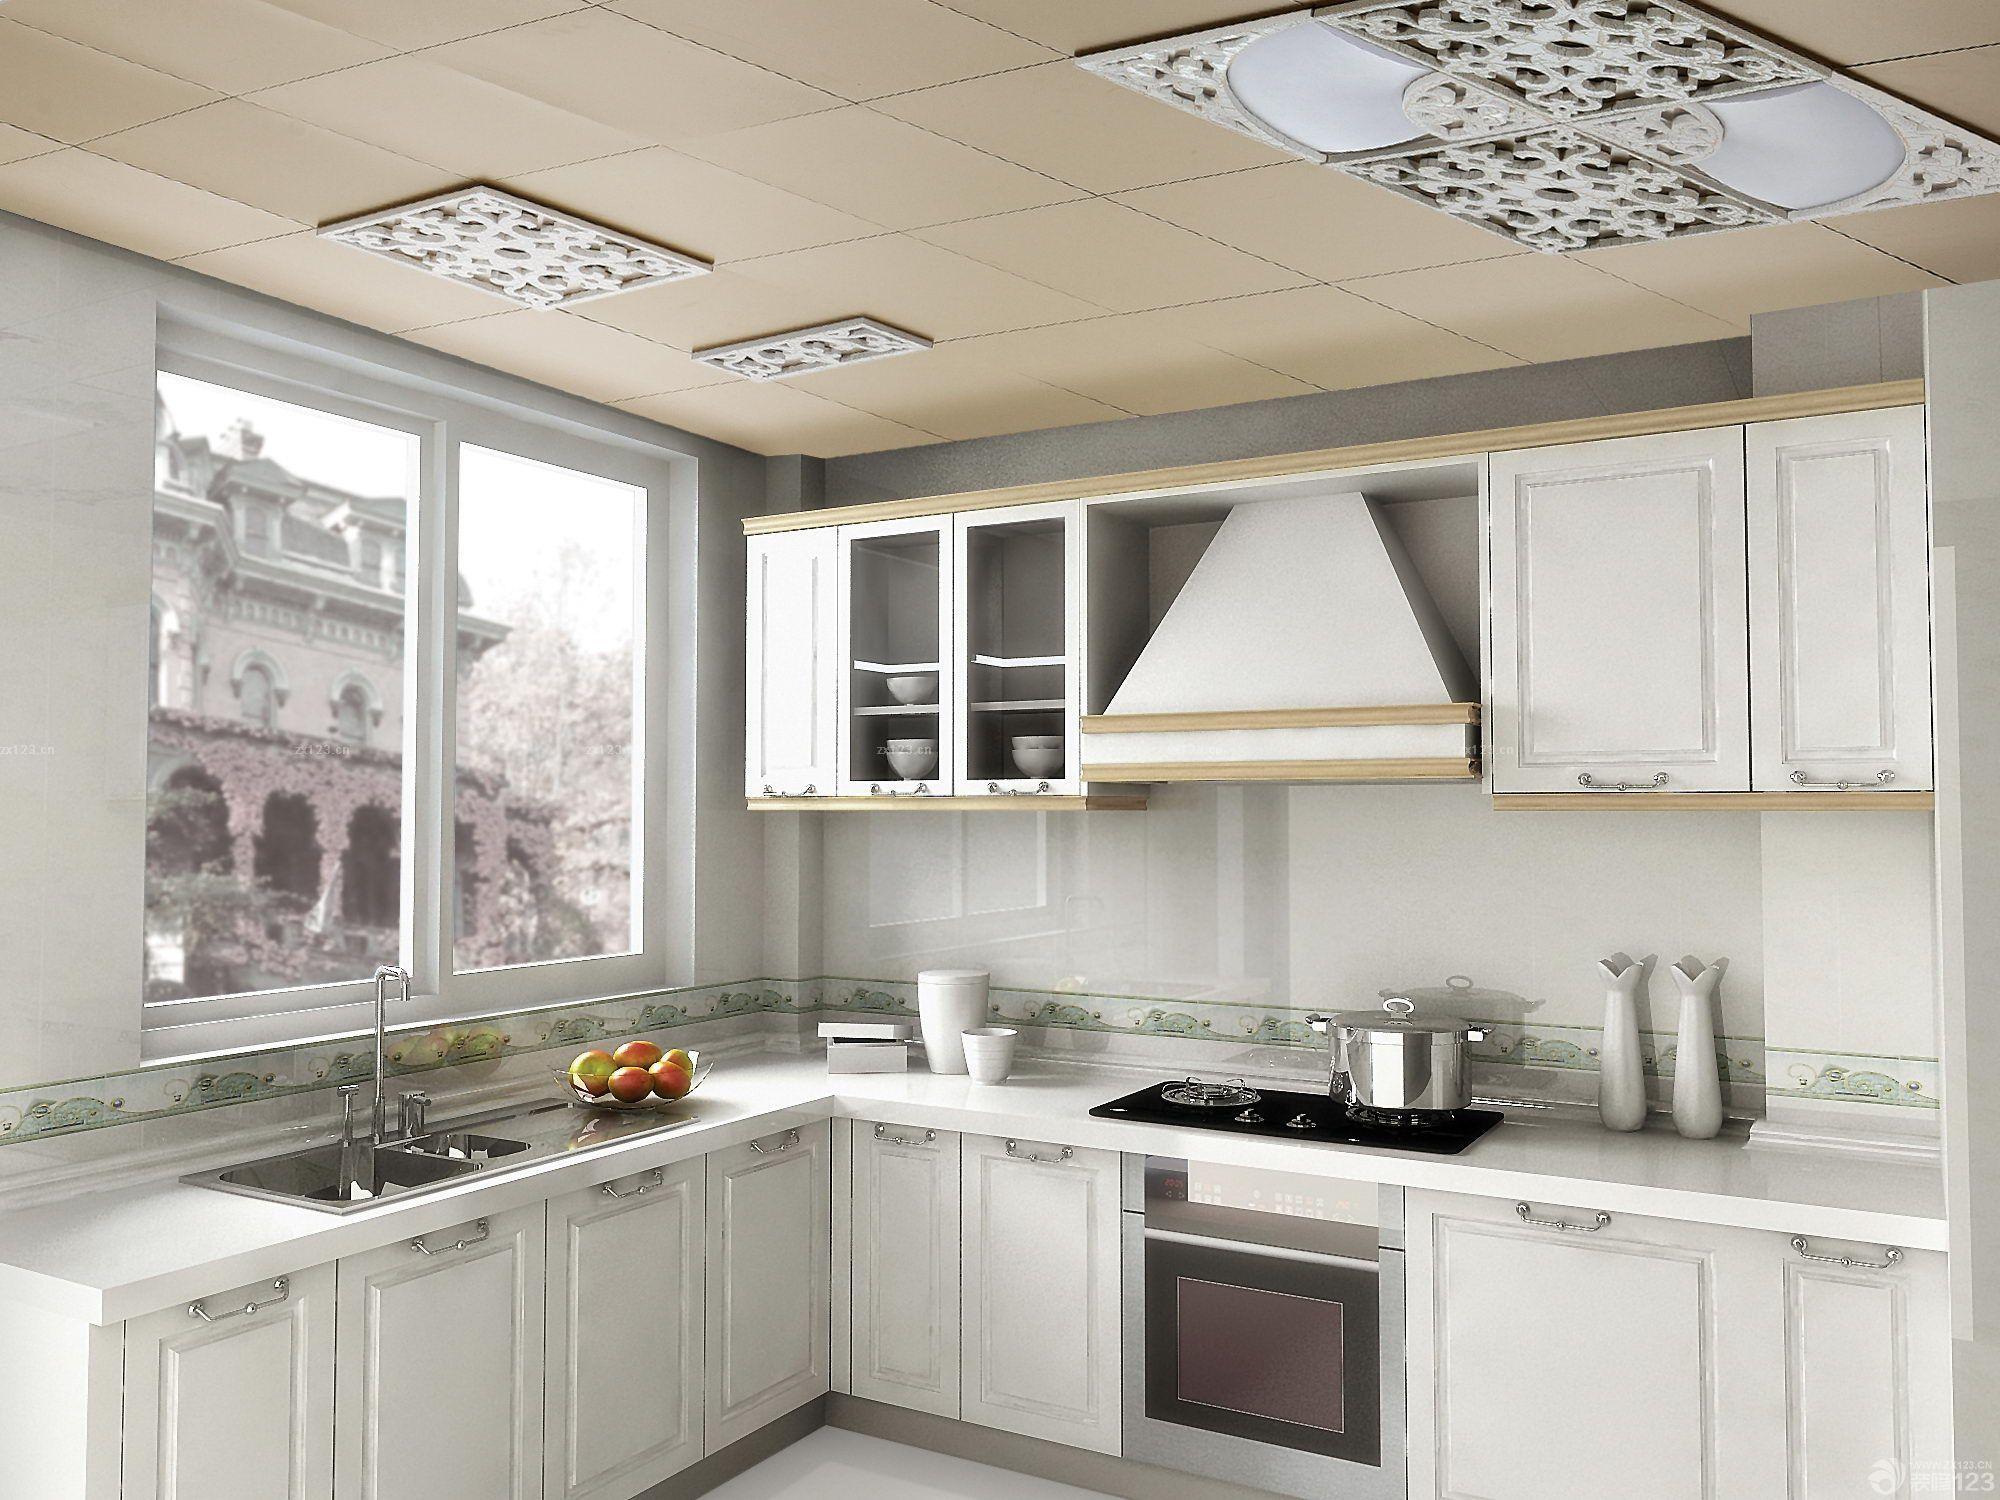 欧式风格厨房吊顶铝扣板效果图